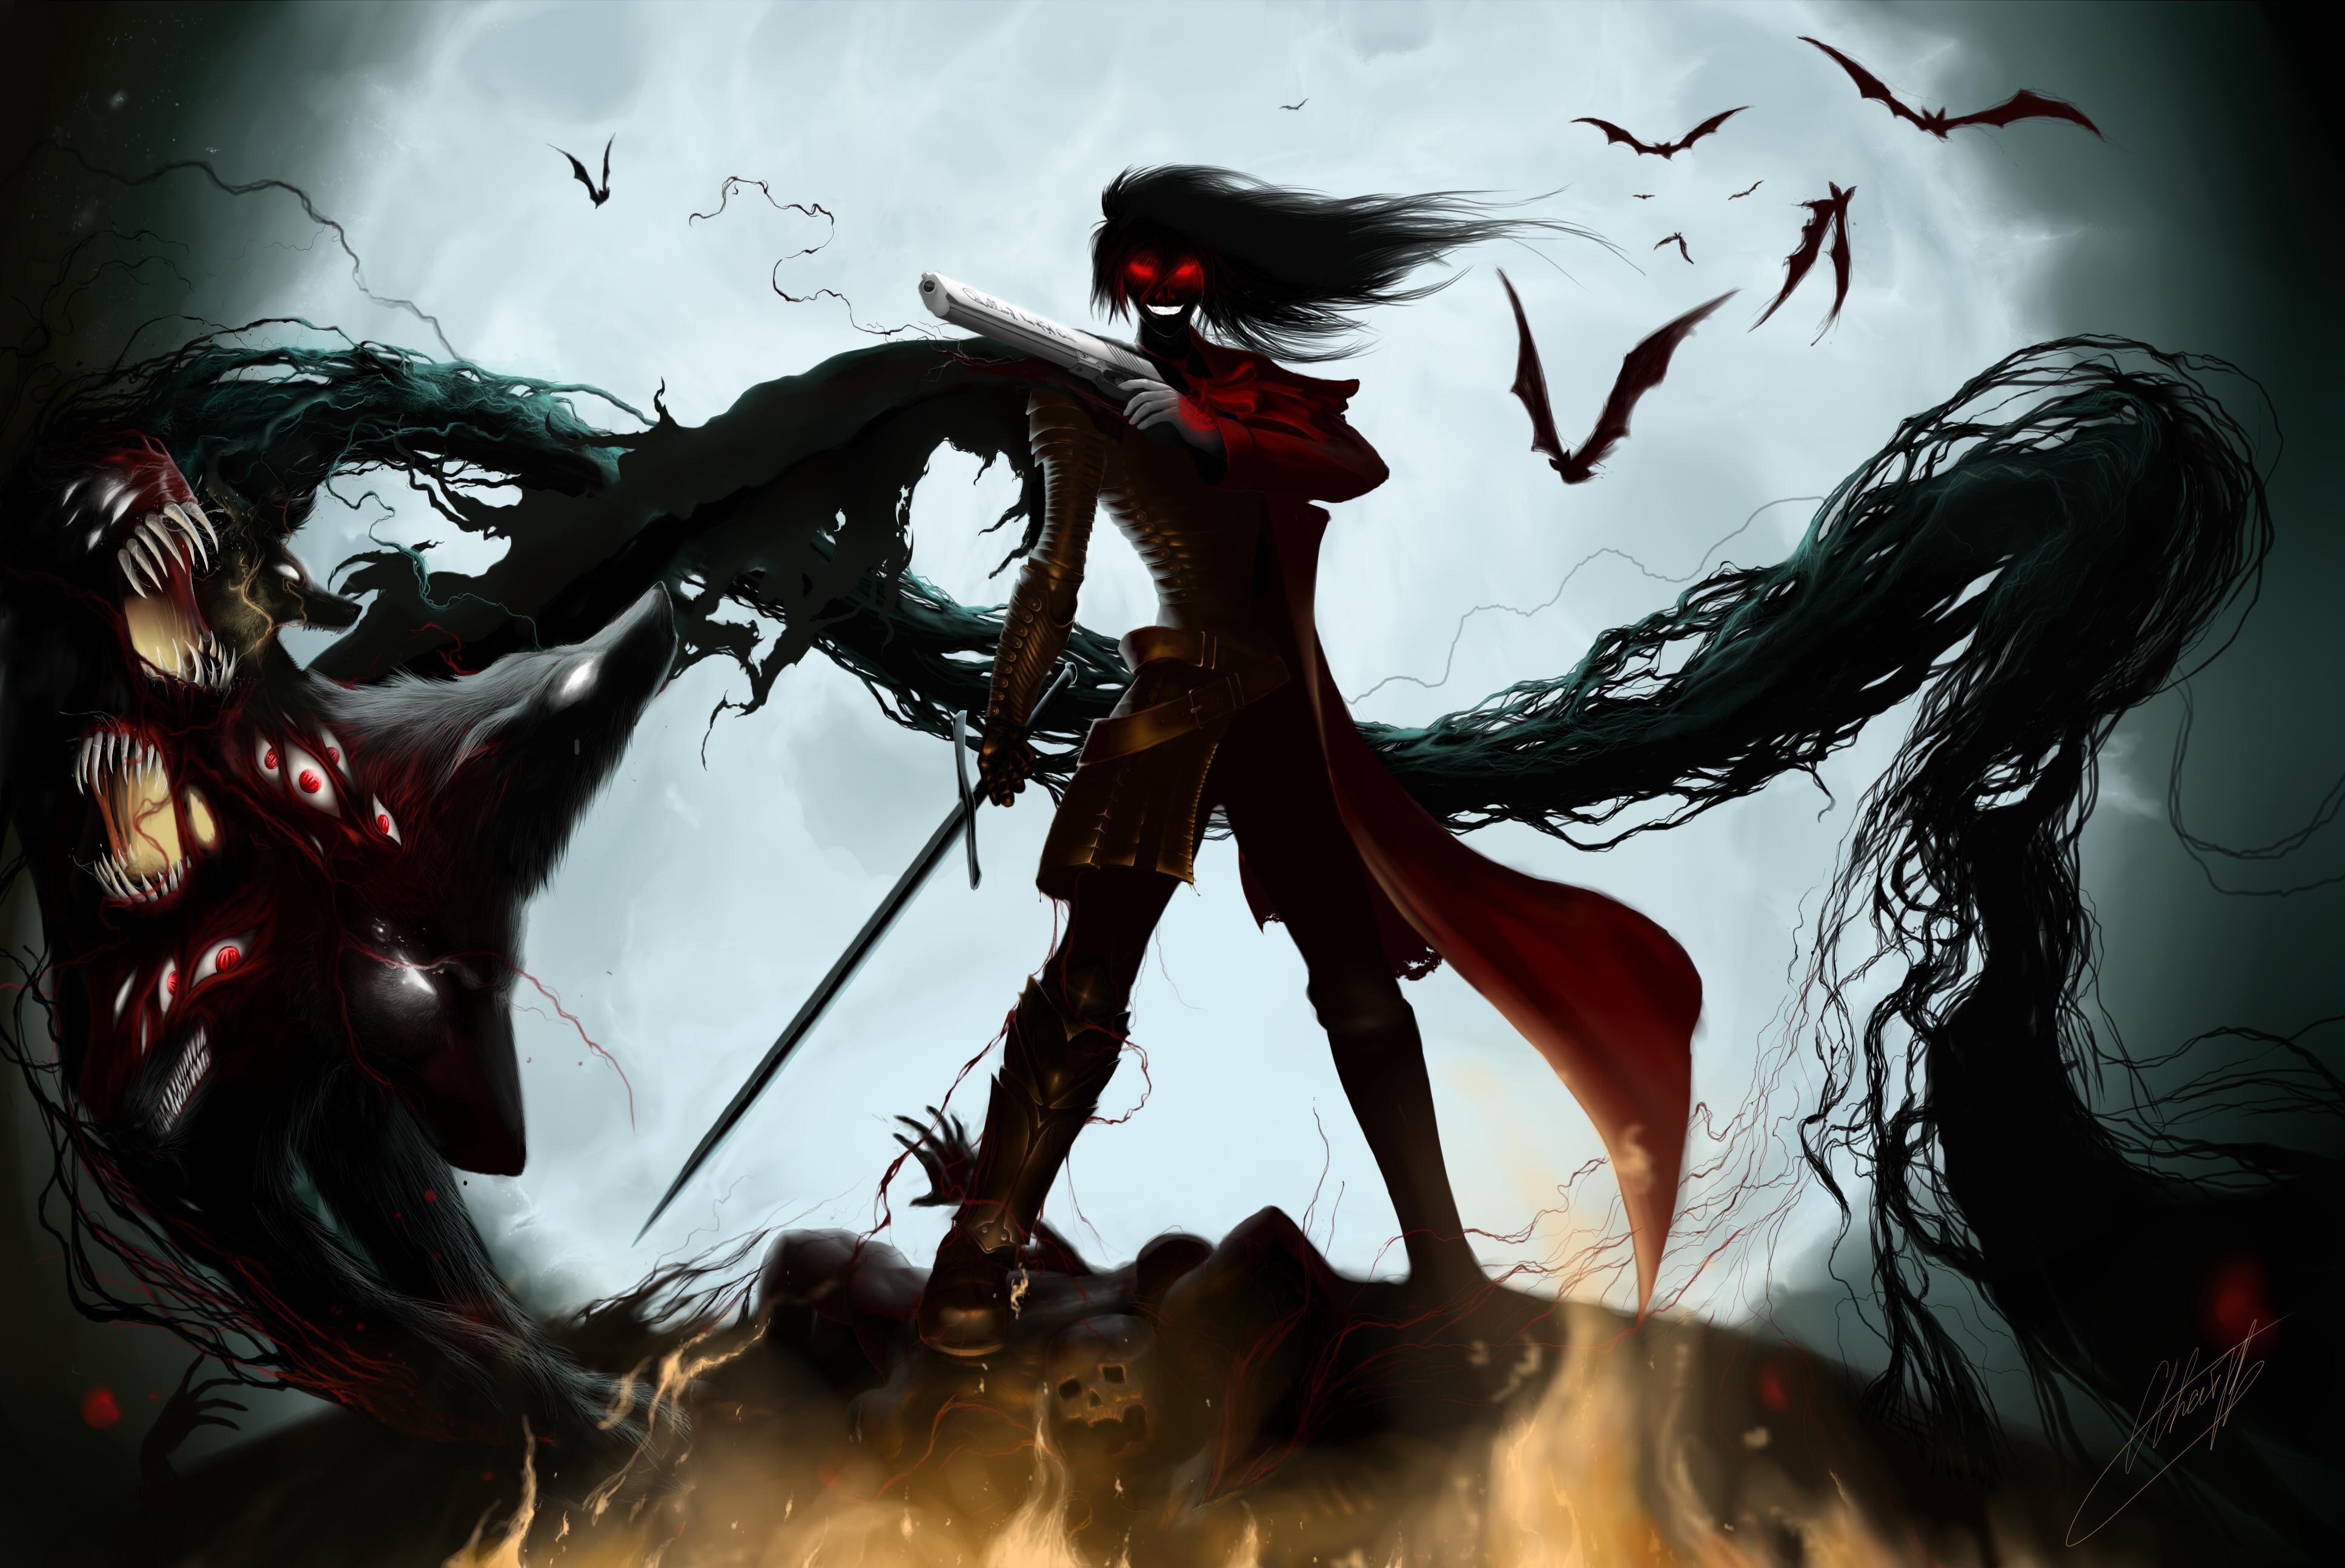 Donker - Krijger  - Gothic - Donker - Sword - Killer - Vampier - Van Hellsing - Dracula - Alucard Achtergrond